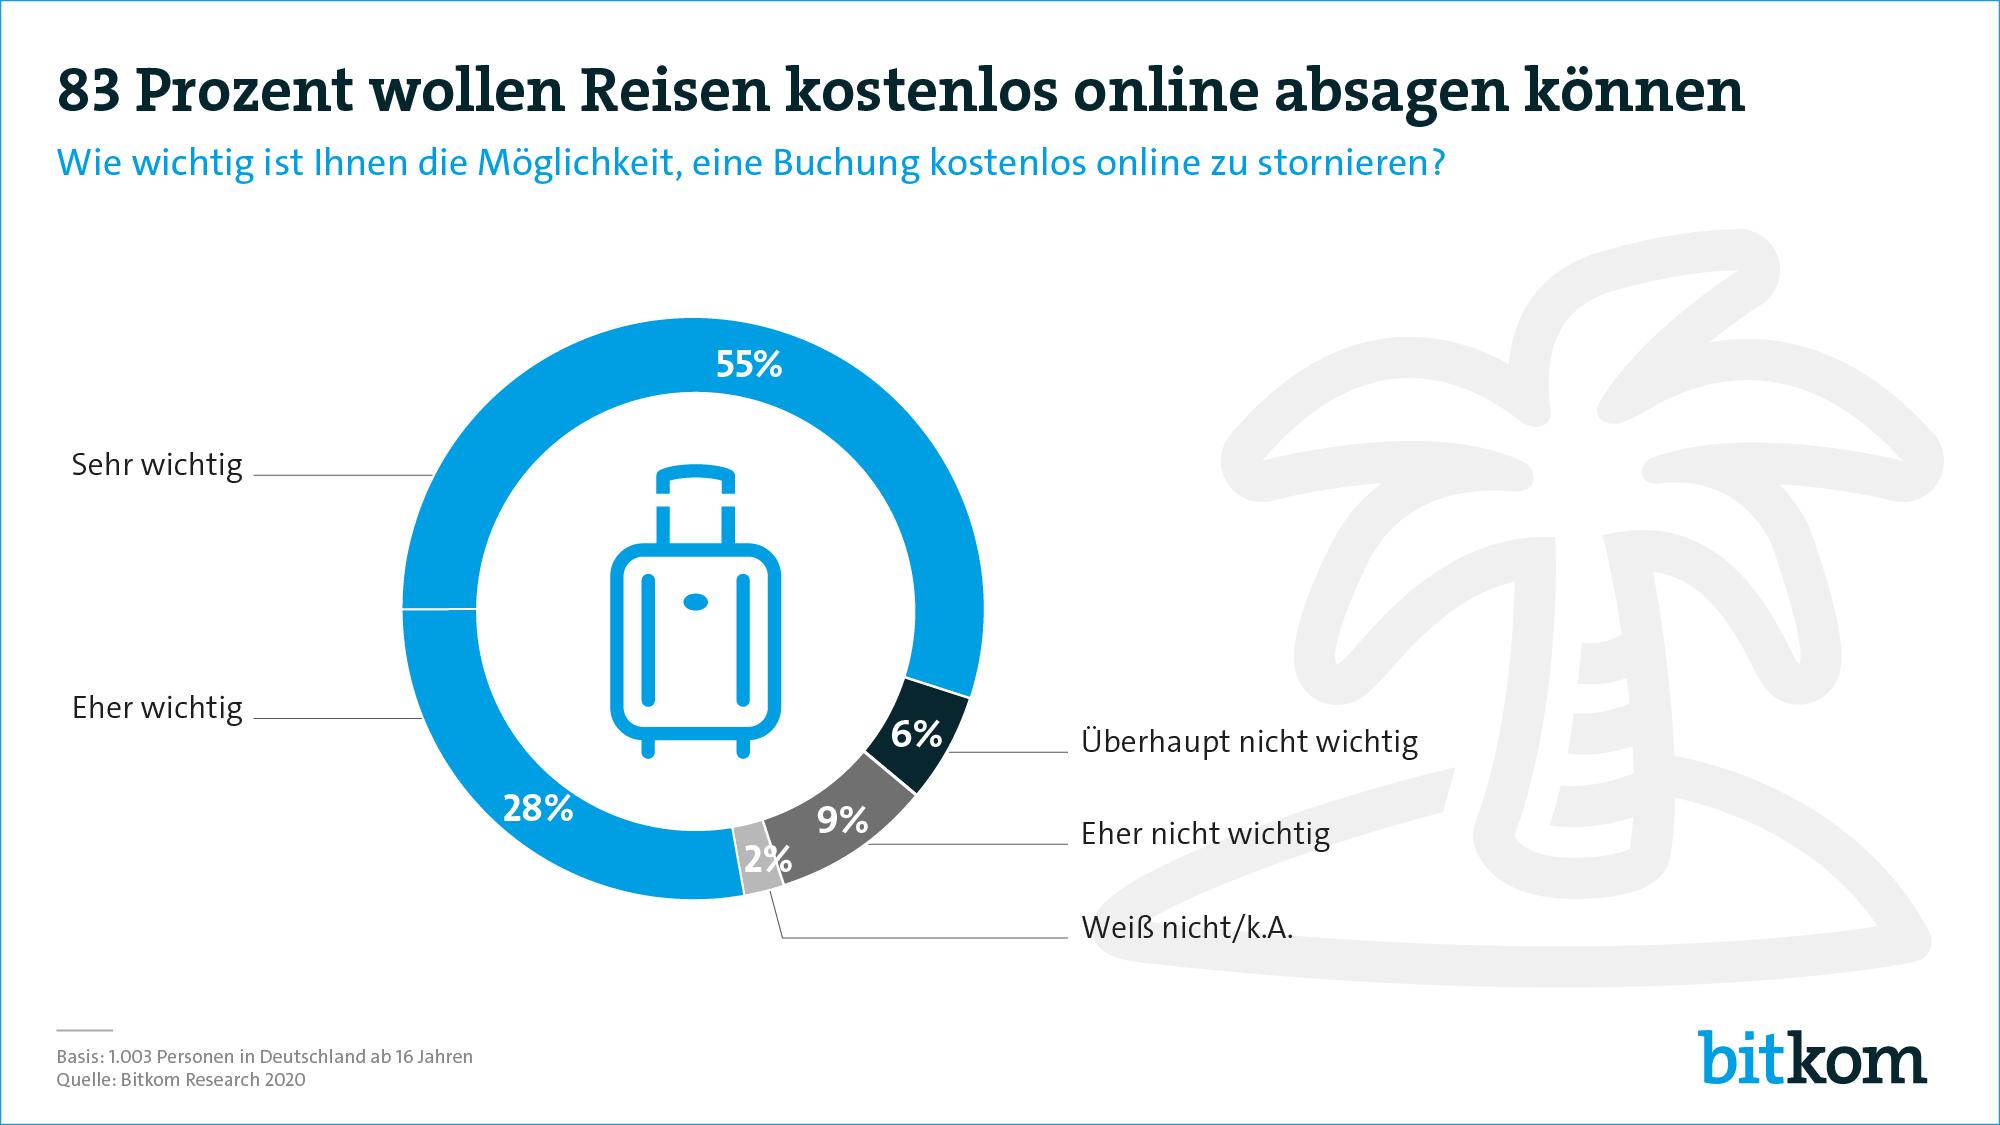 Kostenlose Online-Absagemöglichkeit ist für 83 Prozent ein wichtiges Kriterium